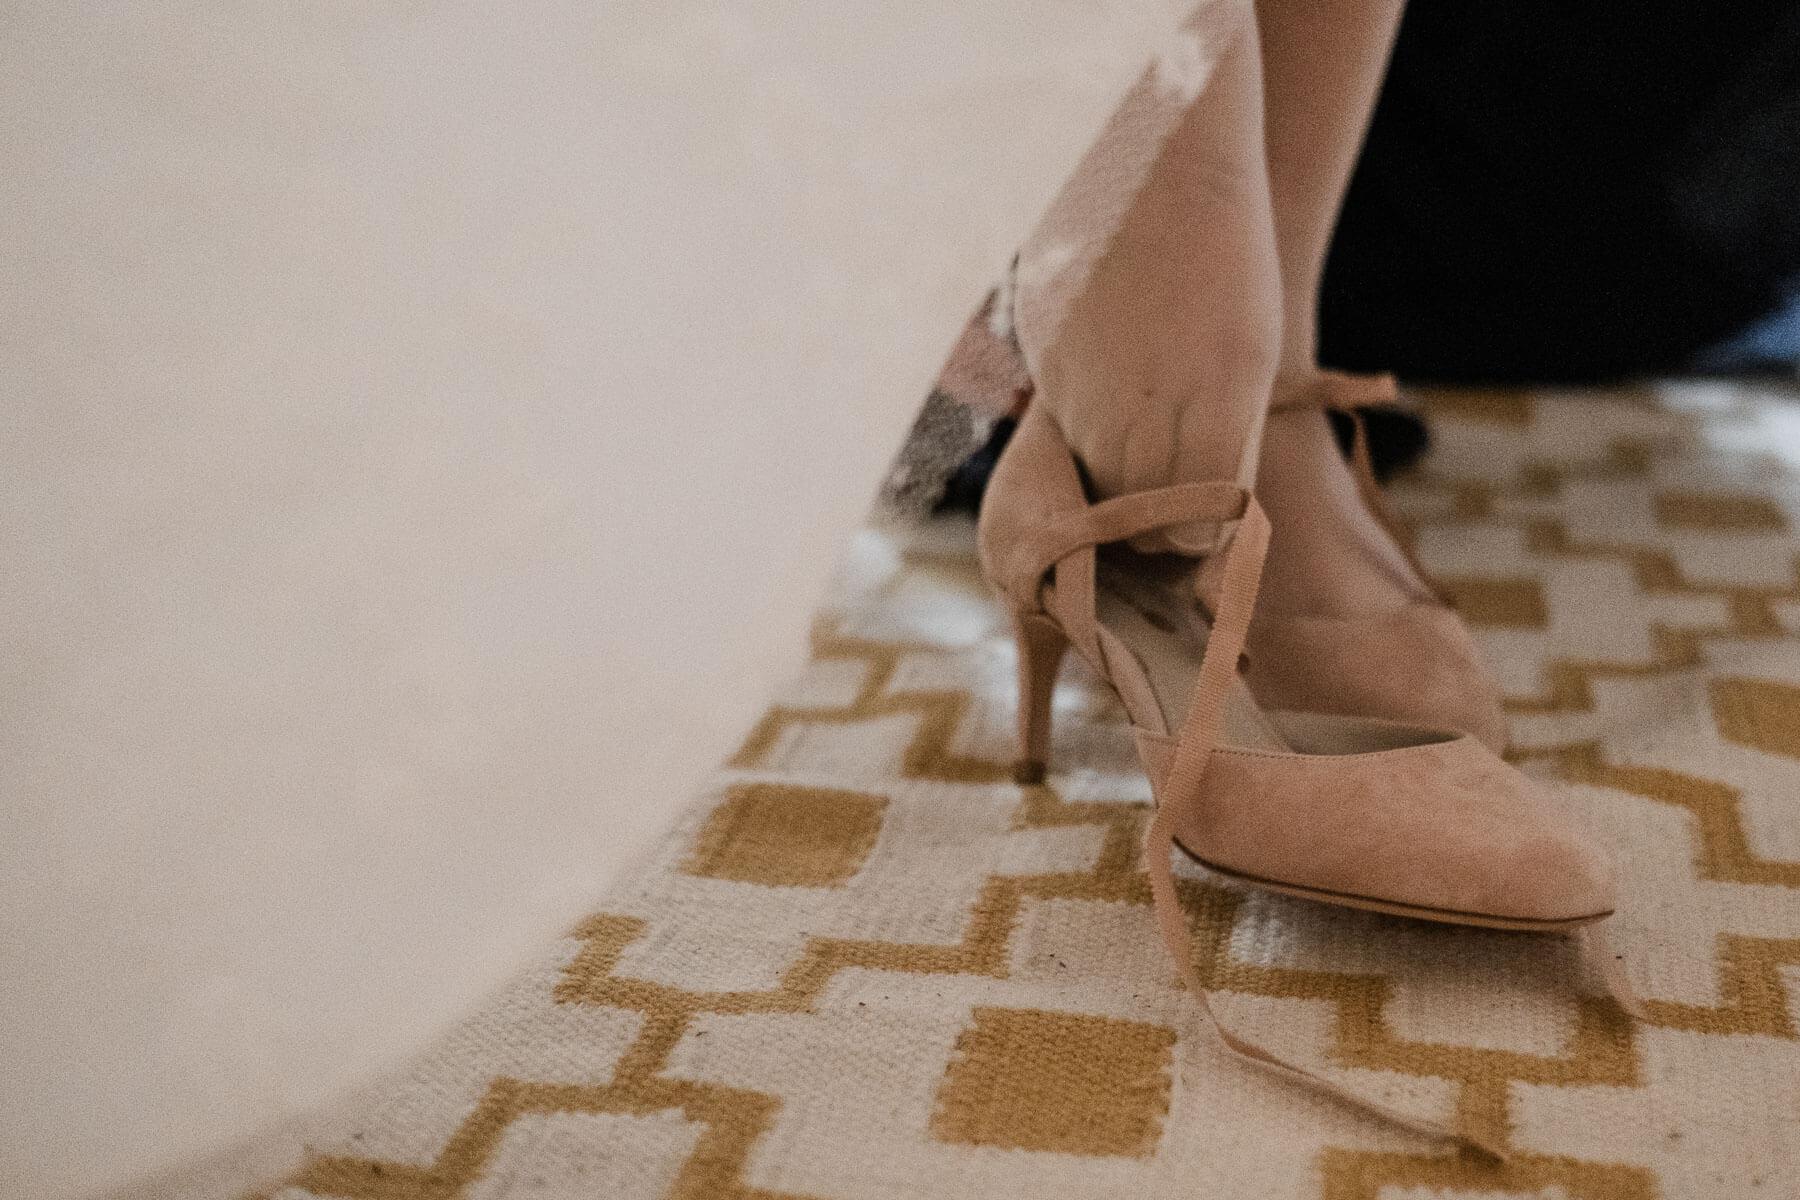 die Braut zieht sich ihre Brautschuhe an, sie haben einen schmalen Absatz, sie werden mit Riemchen befestigt, auf dem Boden liet ein retro- Teppich